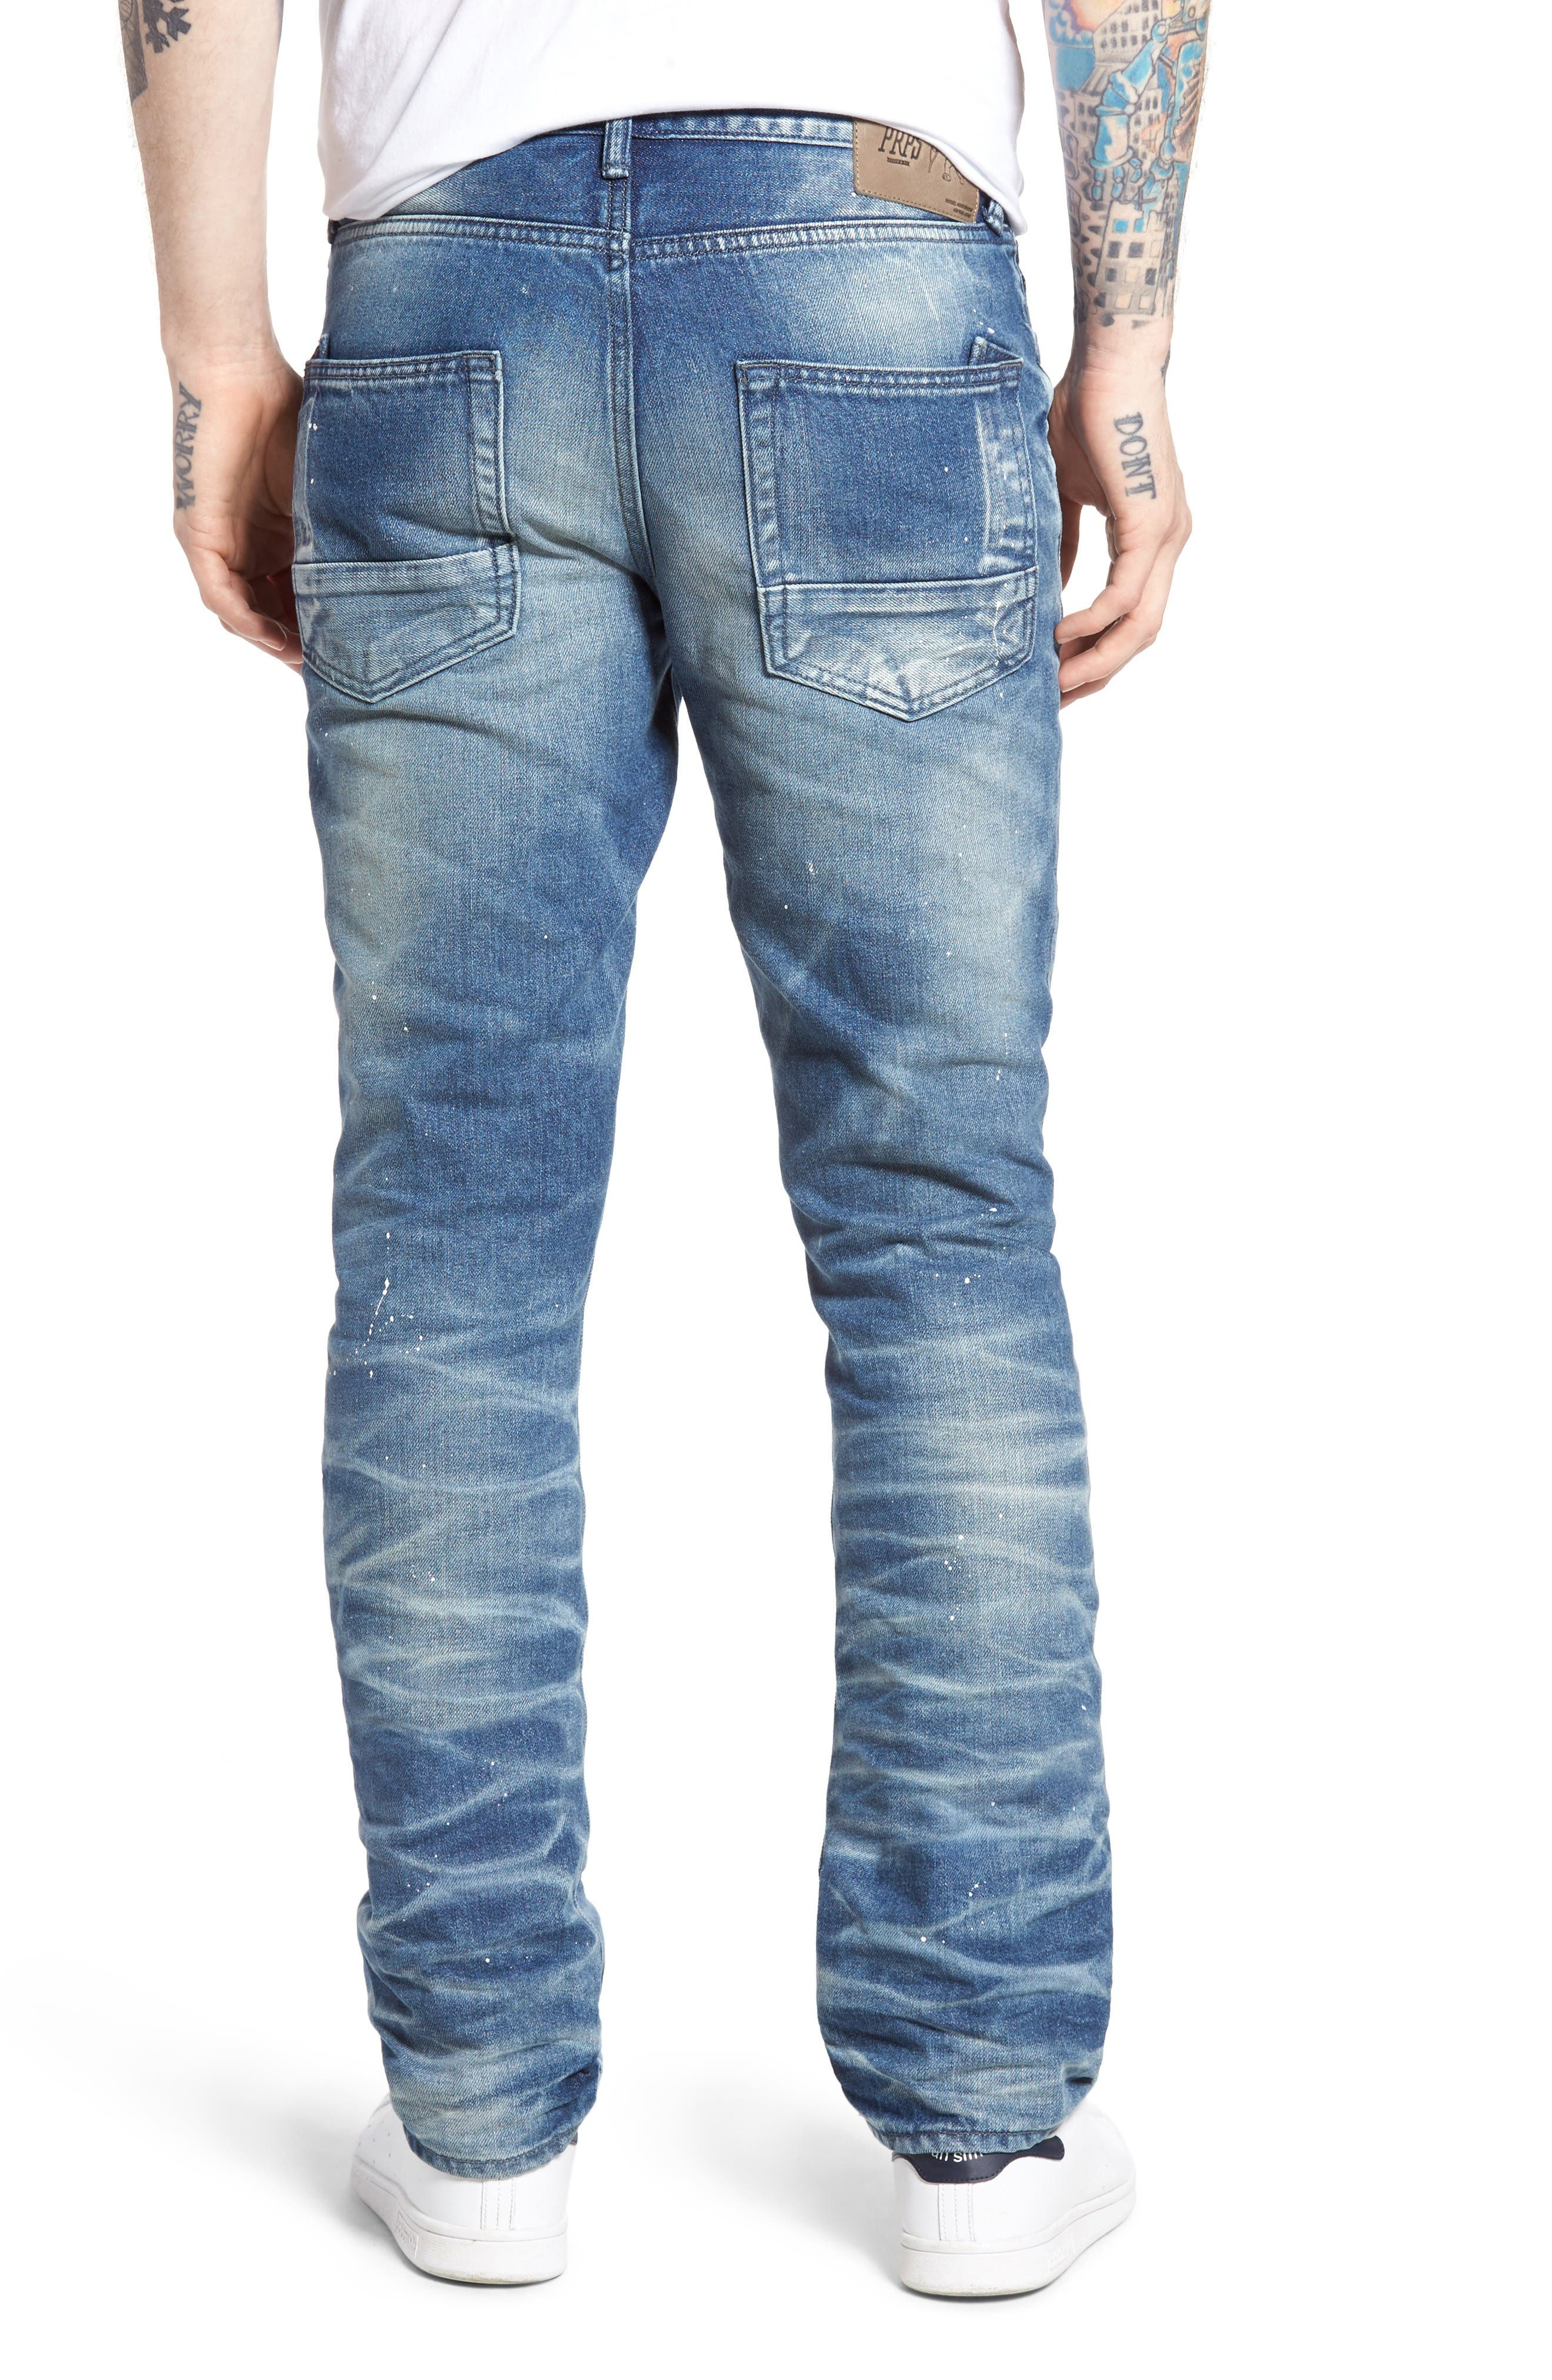 Demon Slim Straight Leg Jeans,                             Alternate thumbnail 2, color,                             Mediam